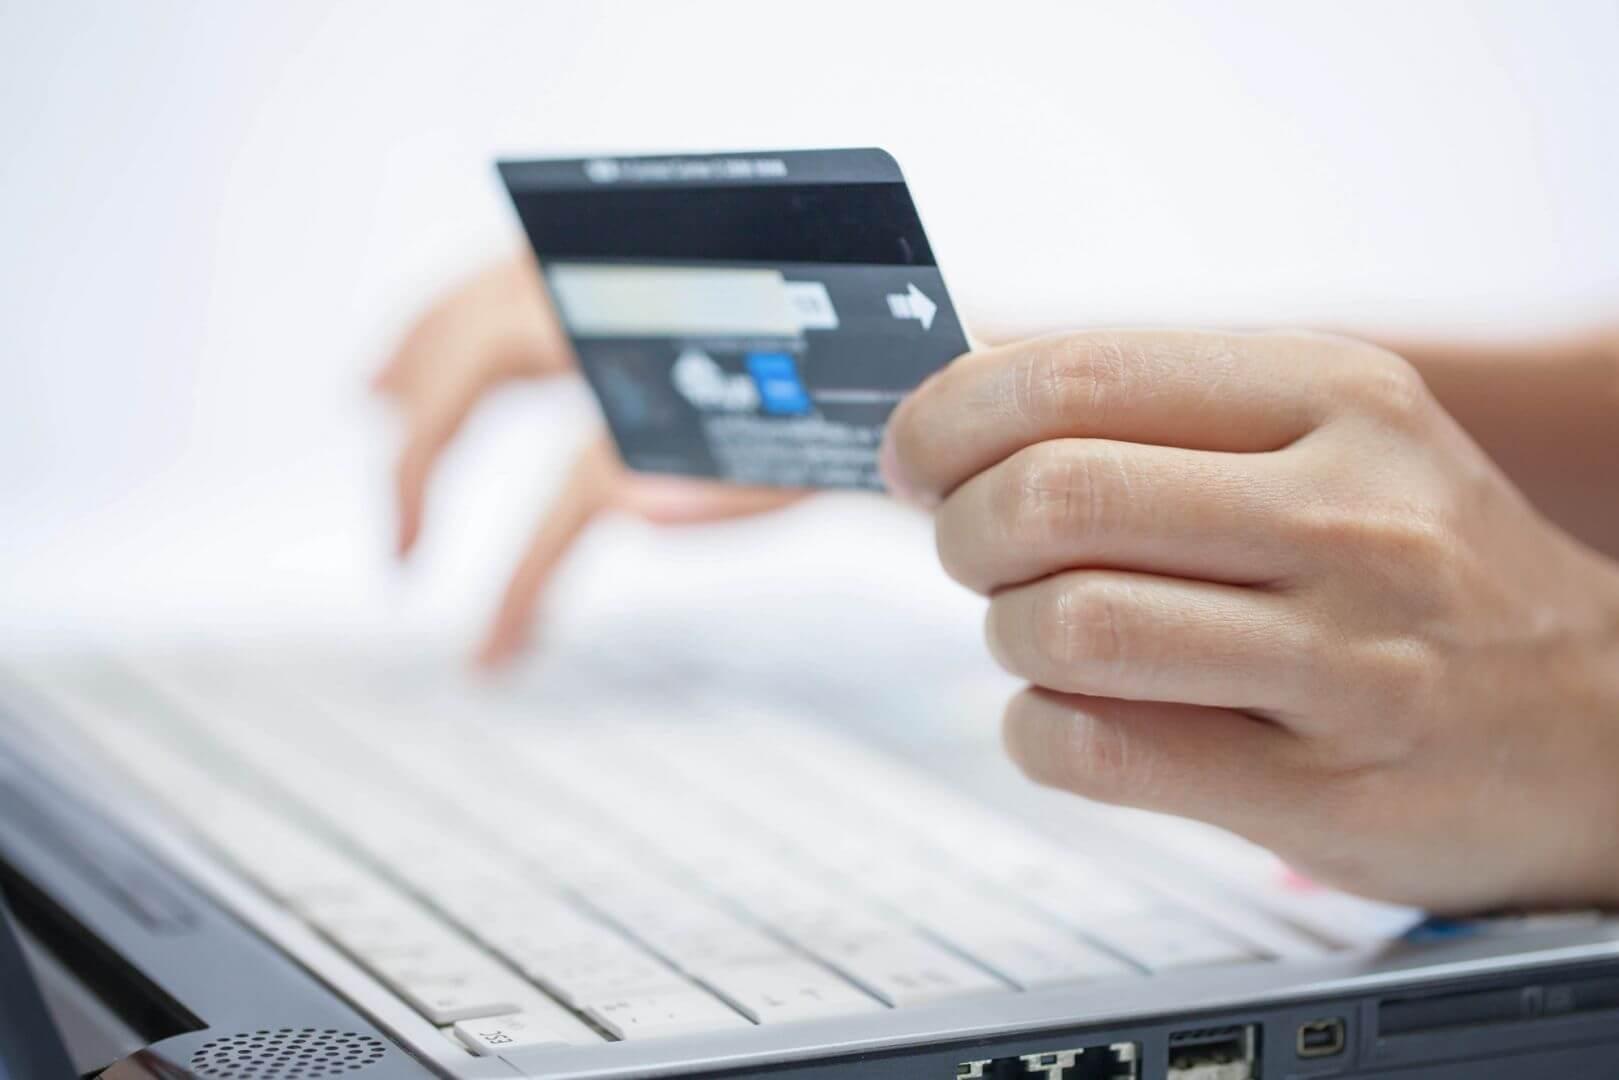 Оплата услуг доступа в интернет Кибер-Телеком